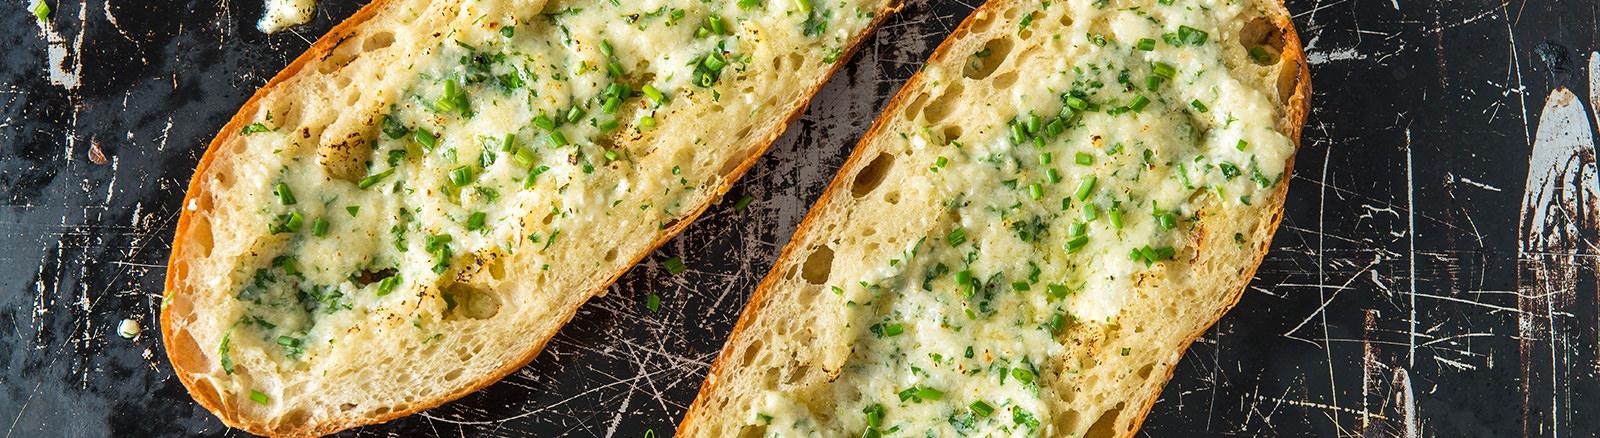 Traeger Recipe - Ultimate Baked Garlic Bread Traeger Wood Pellet Grills